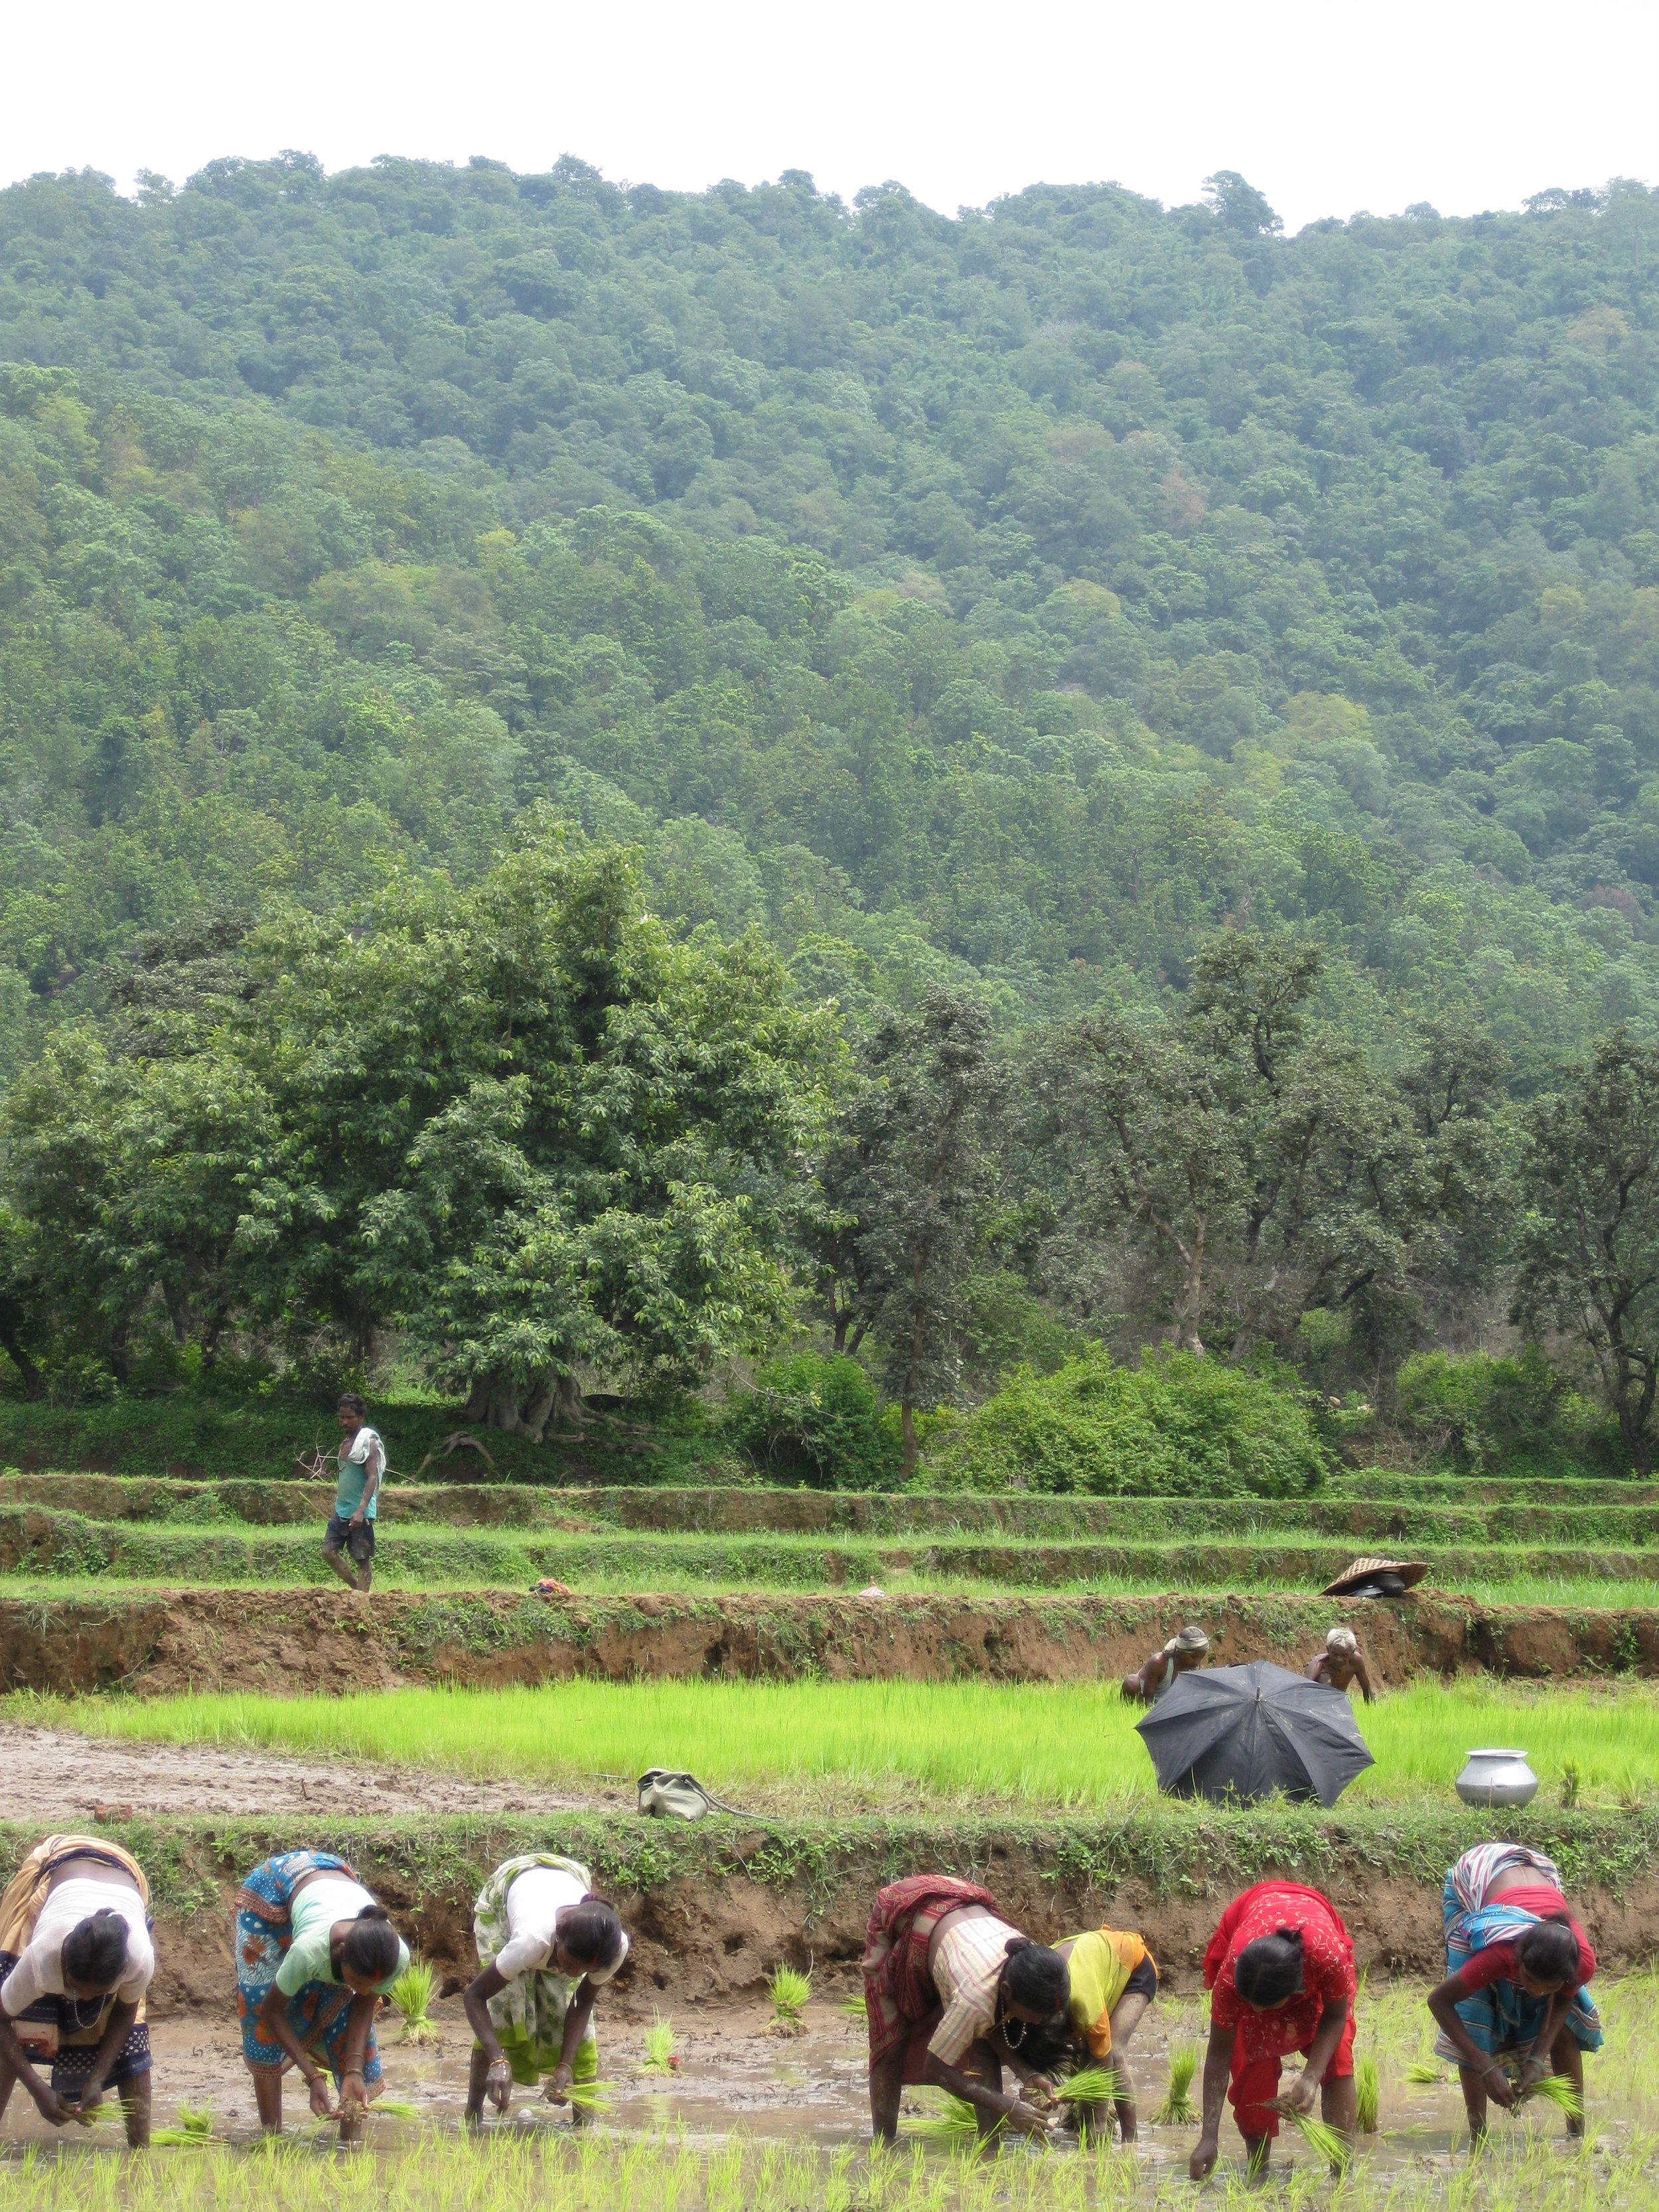 C1 Oraon Adivasis sharing labour to sow rice.jpg